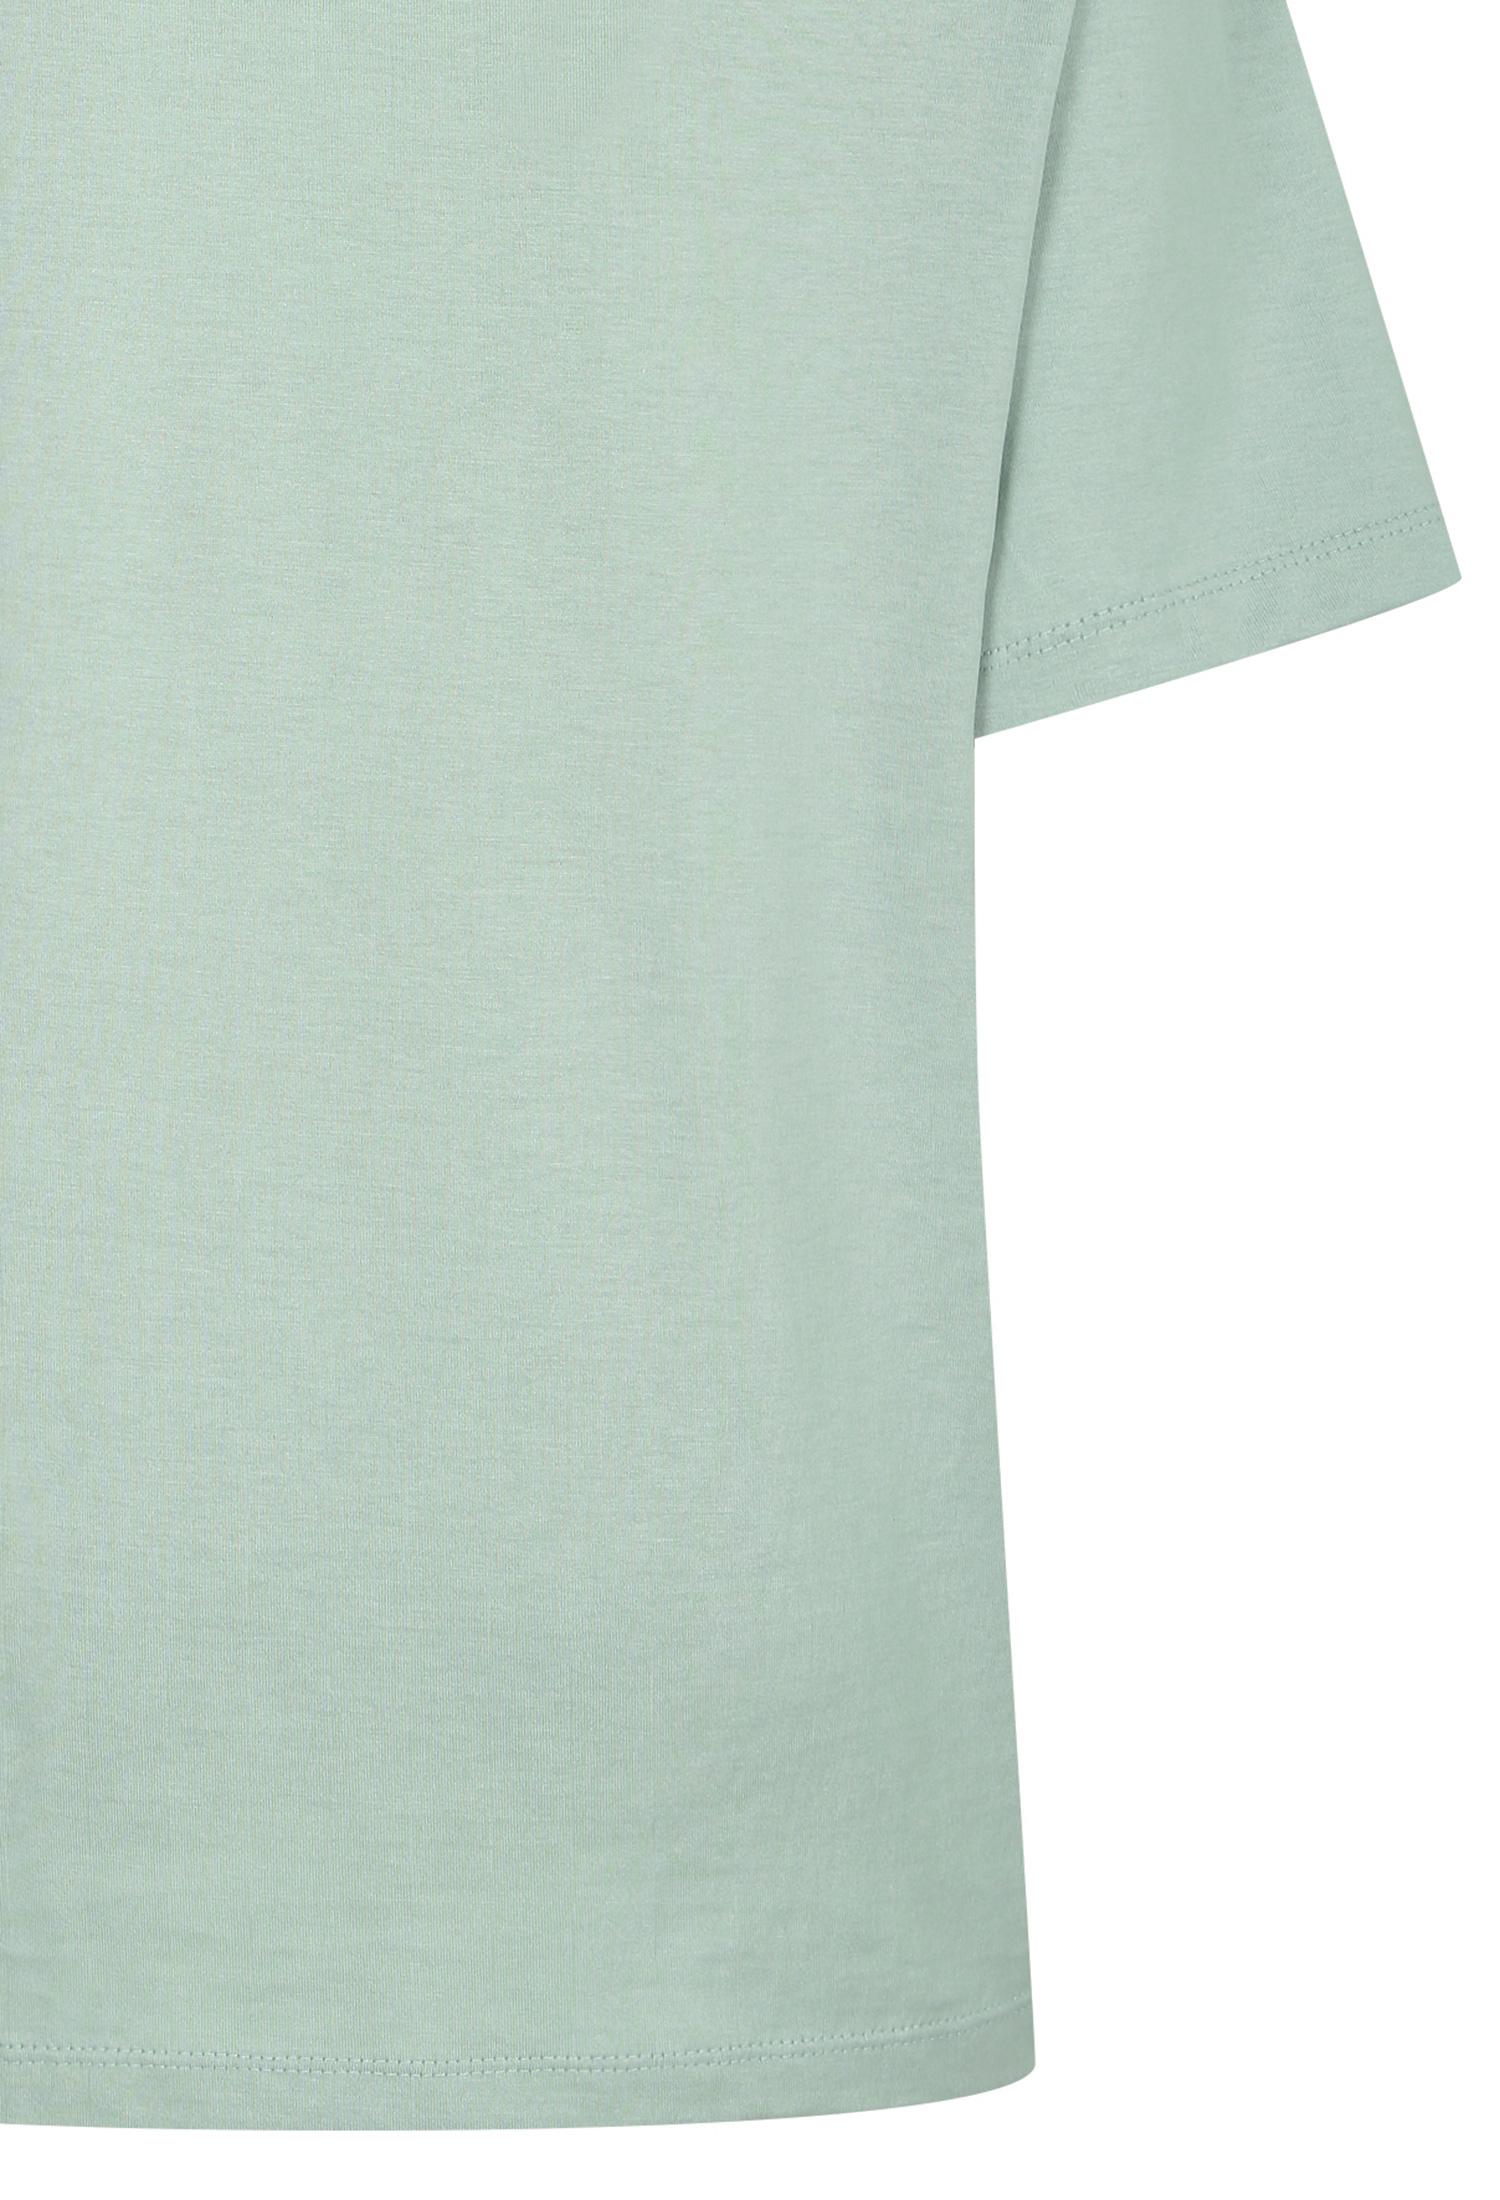 브레이드 장식 레터링 티셔츠 (MINT)